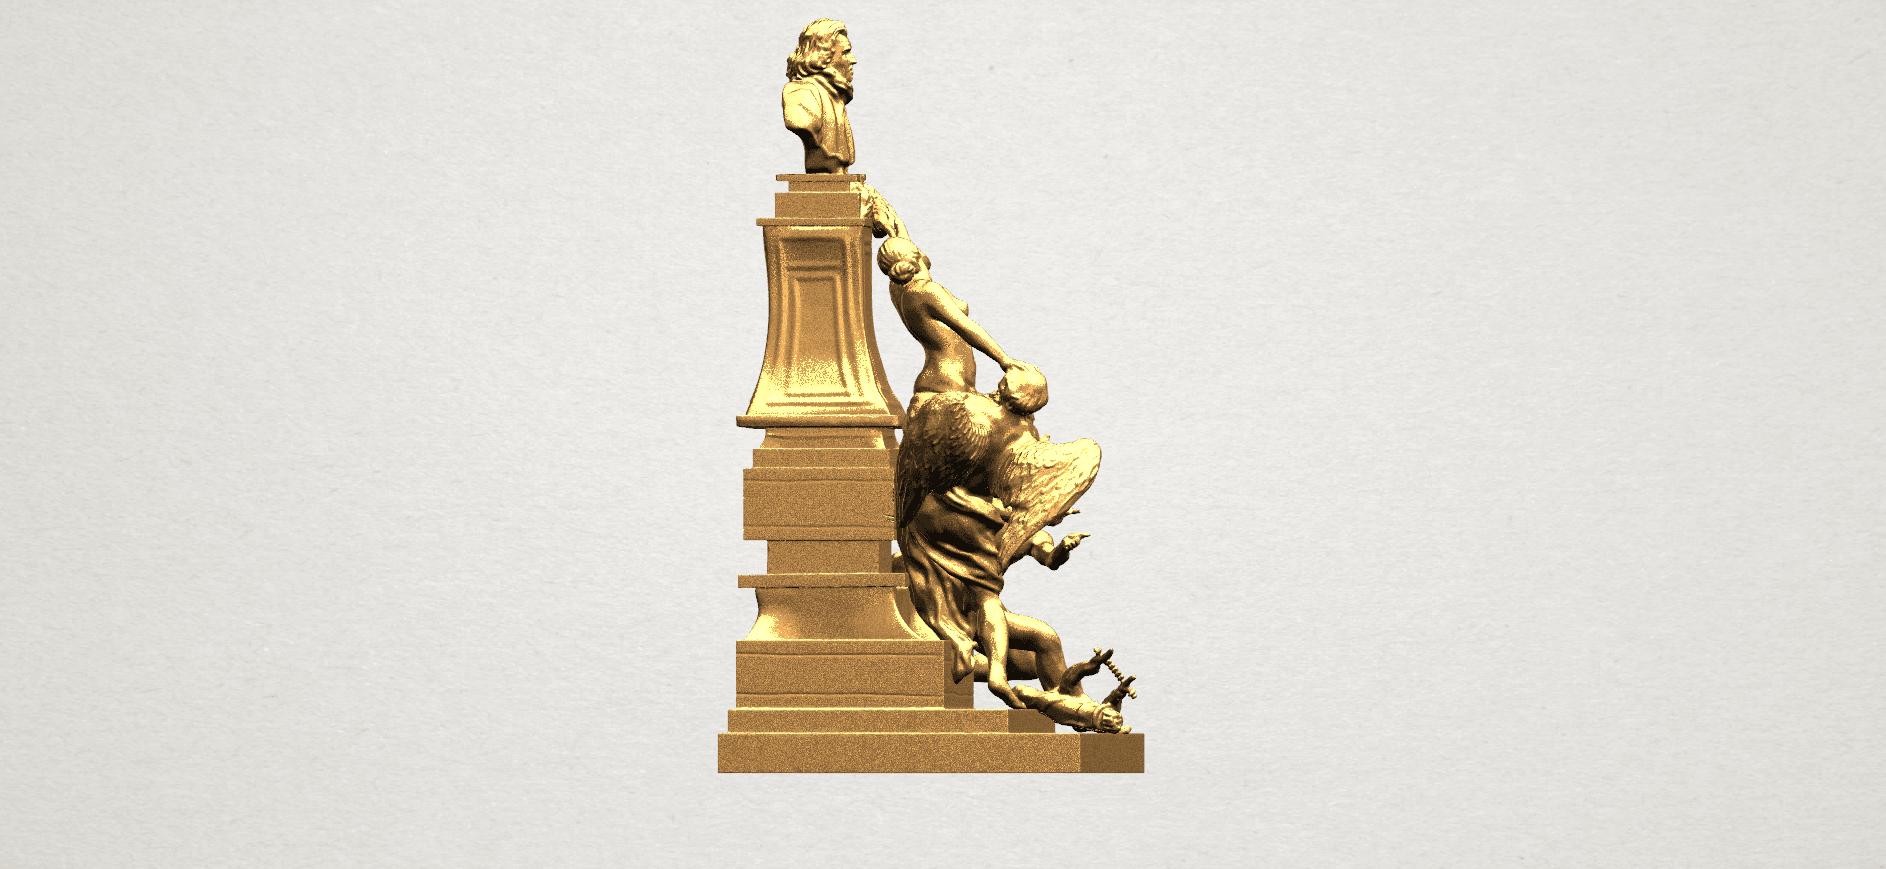 Statue 02 - A07.png Télécharger fichier STL gratuit Statue 02 • Plan pour impression 3D, GeorgesNikkei